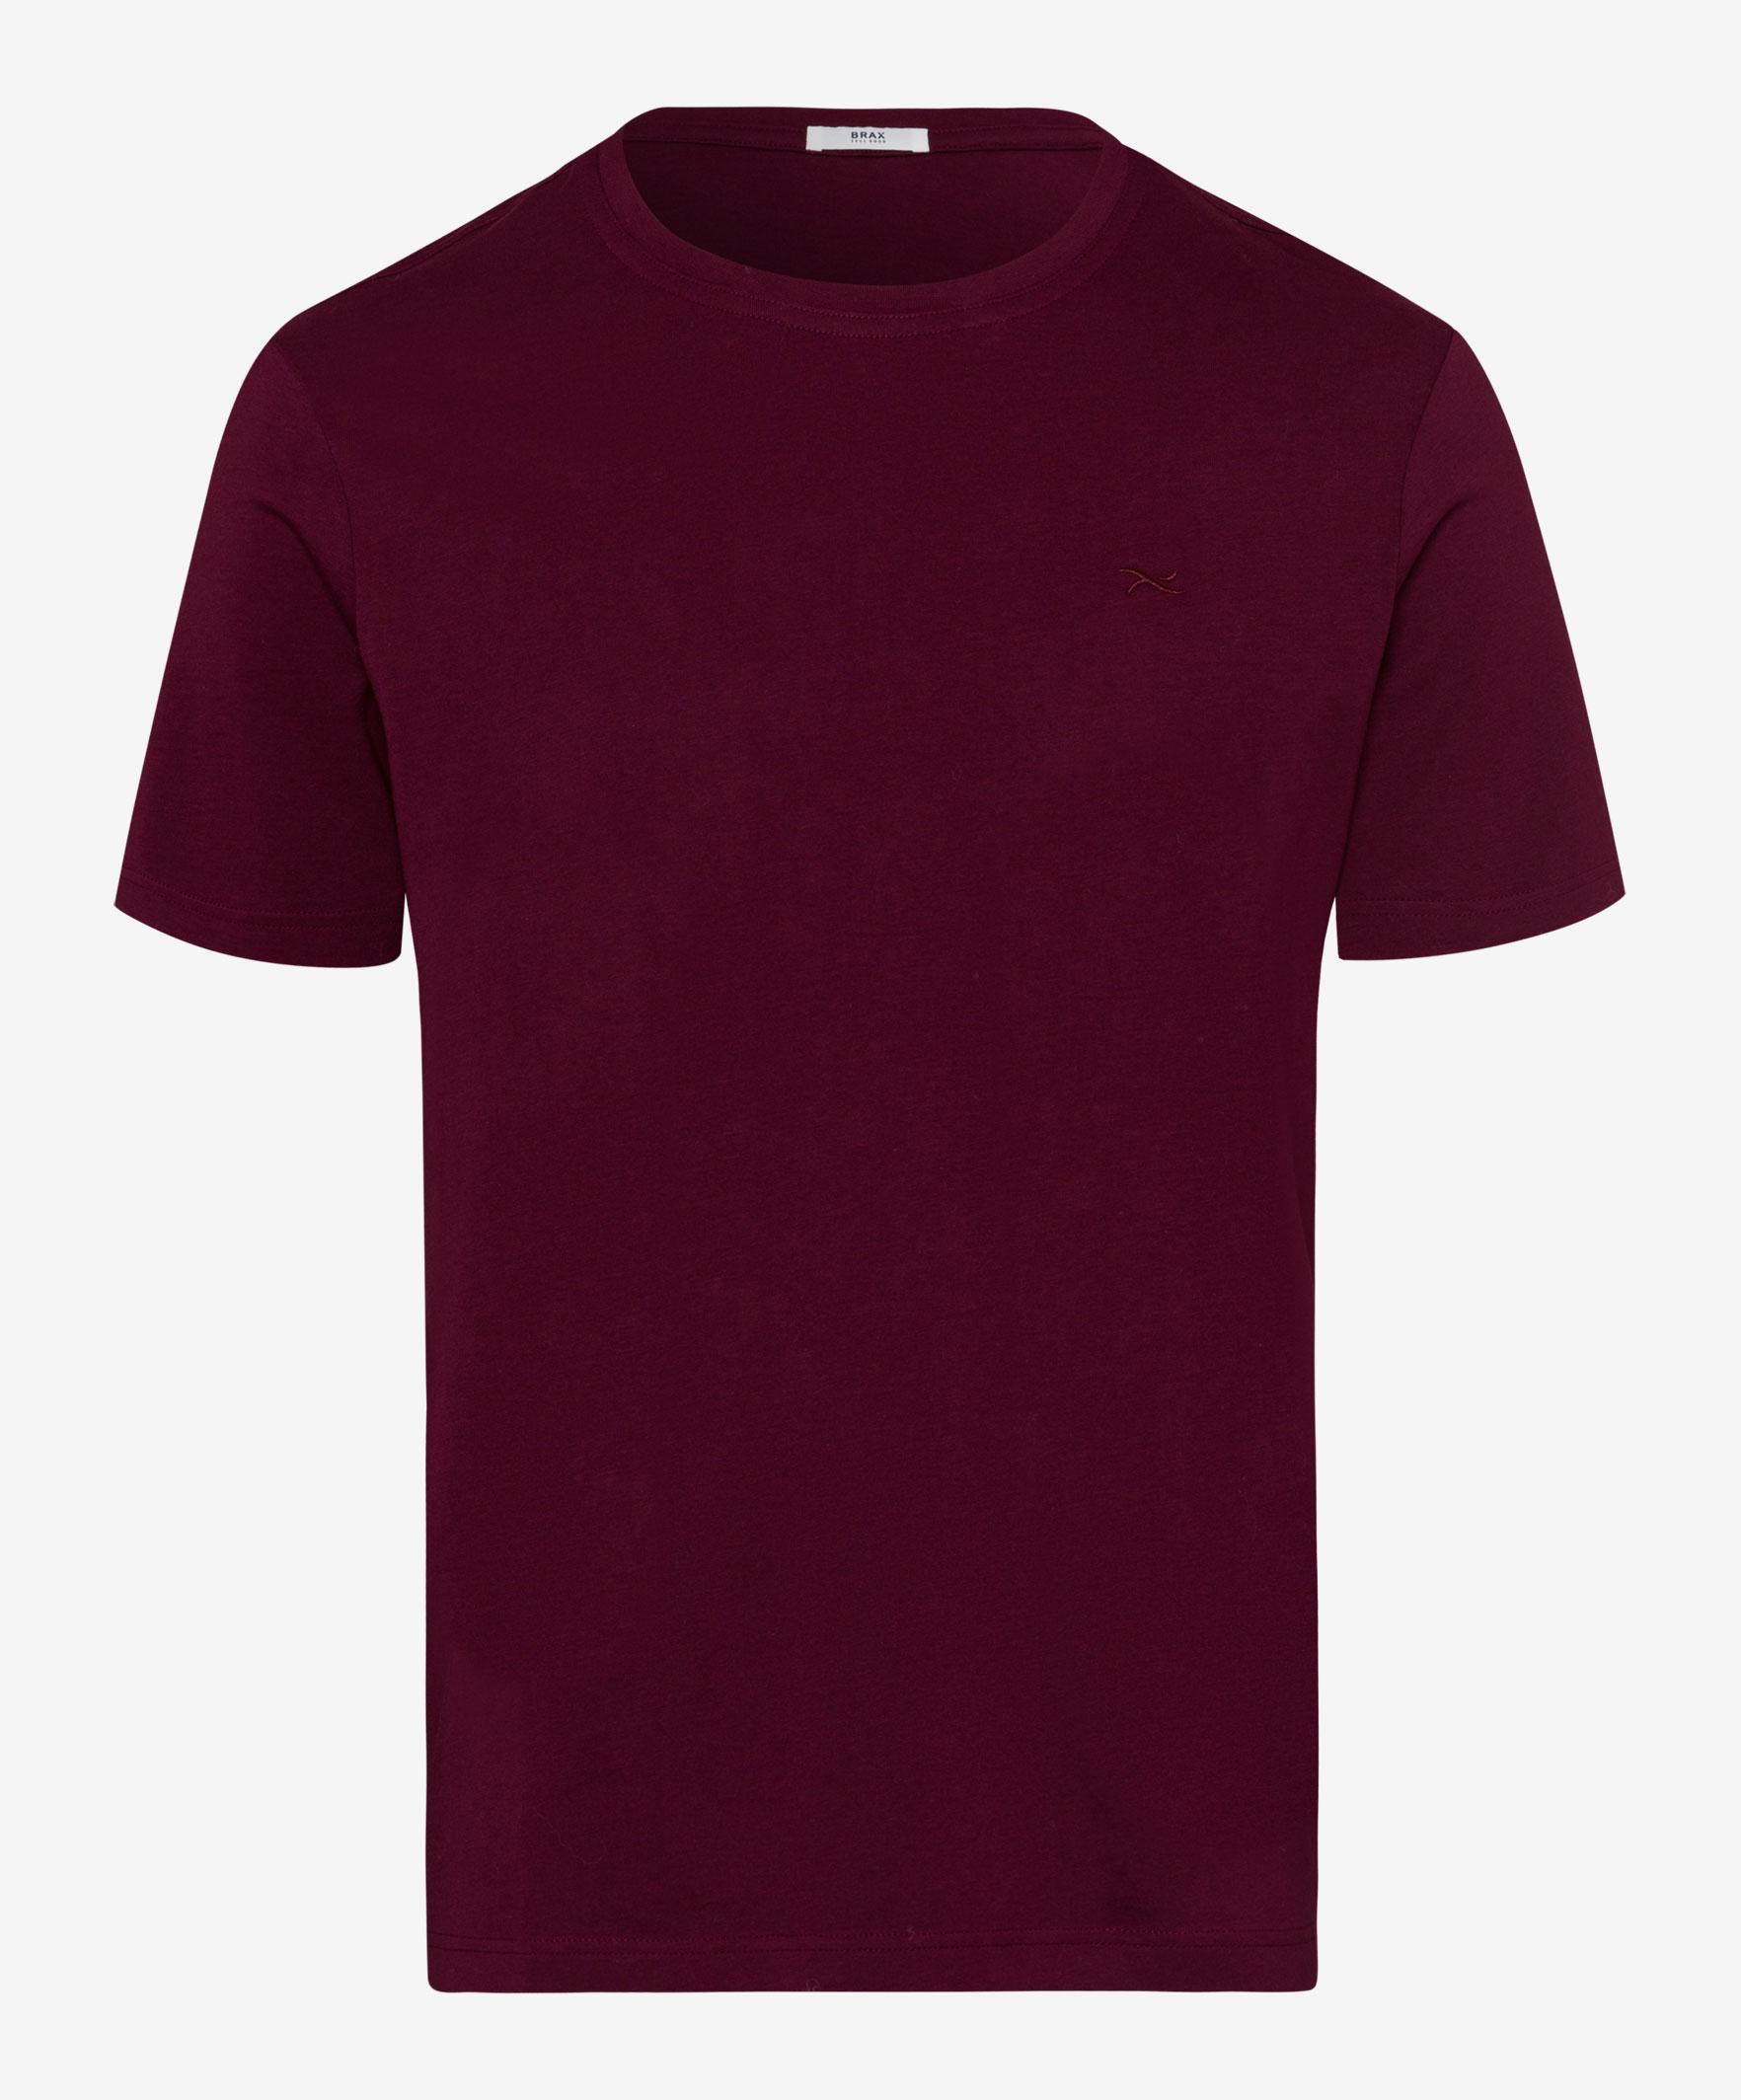 verschiedene Arten von Großhandelspreis 2019 gehobene Qualität Brax Tommy T-Shirt Port Red